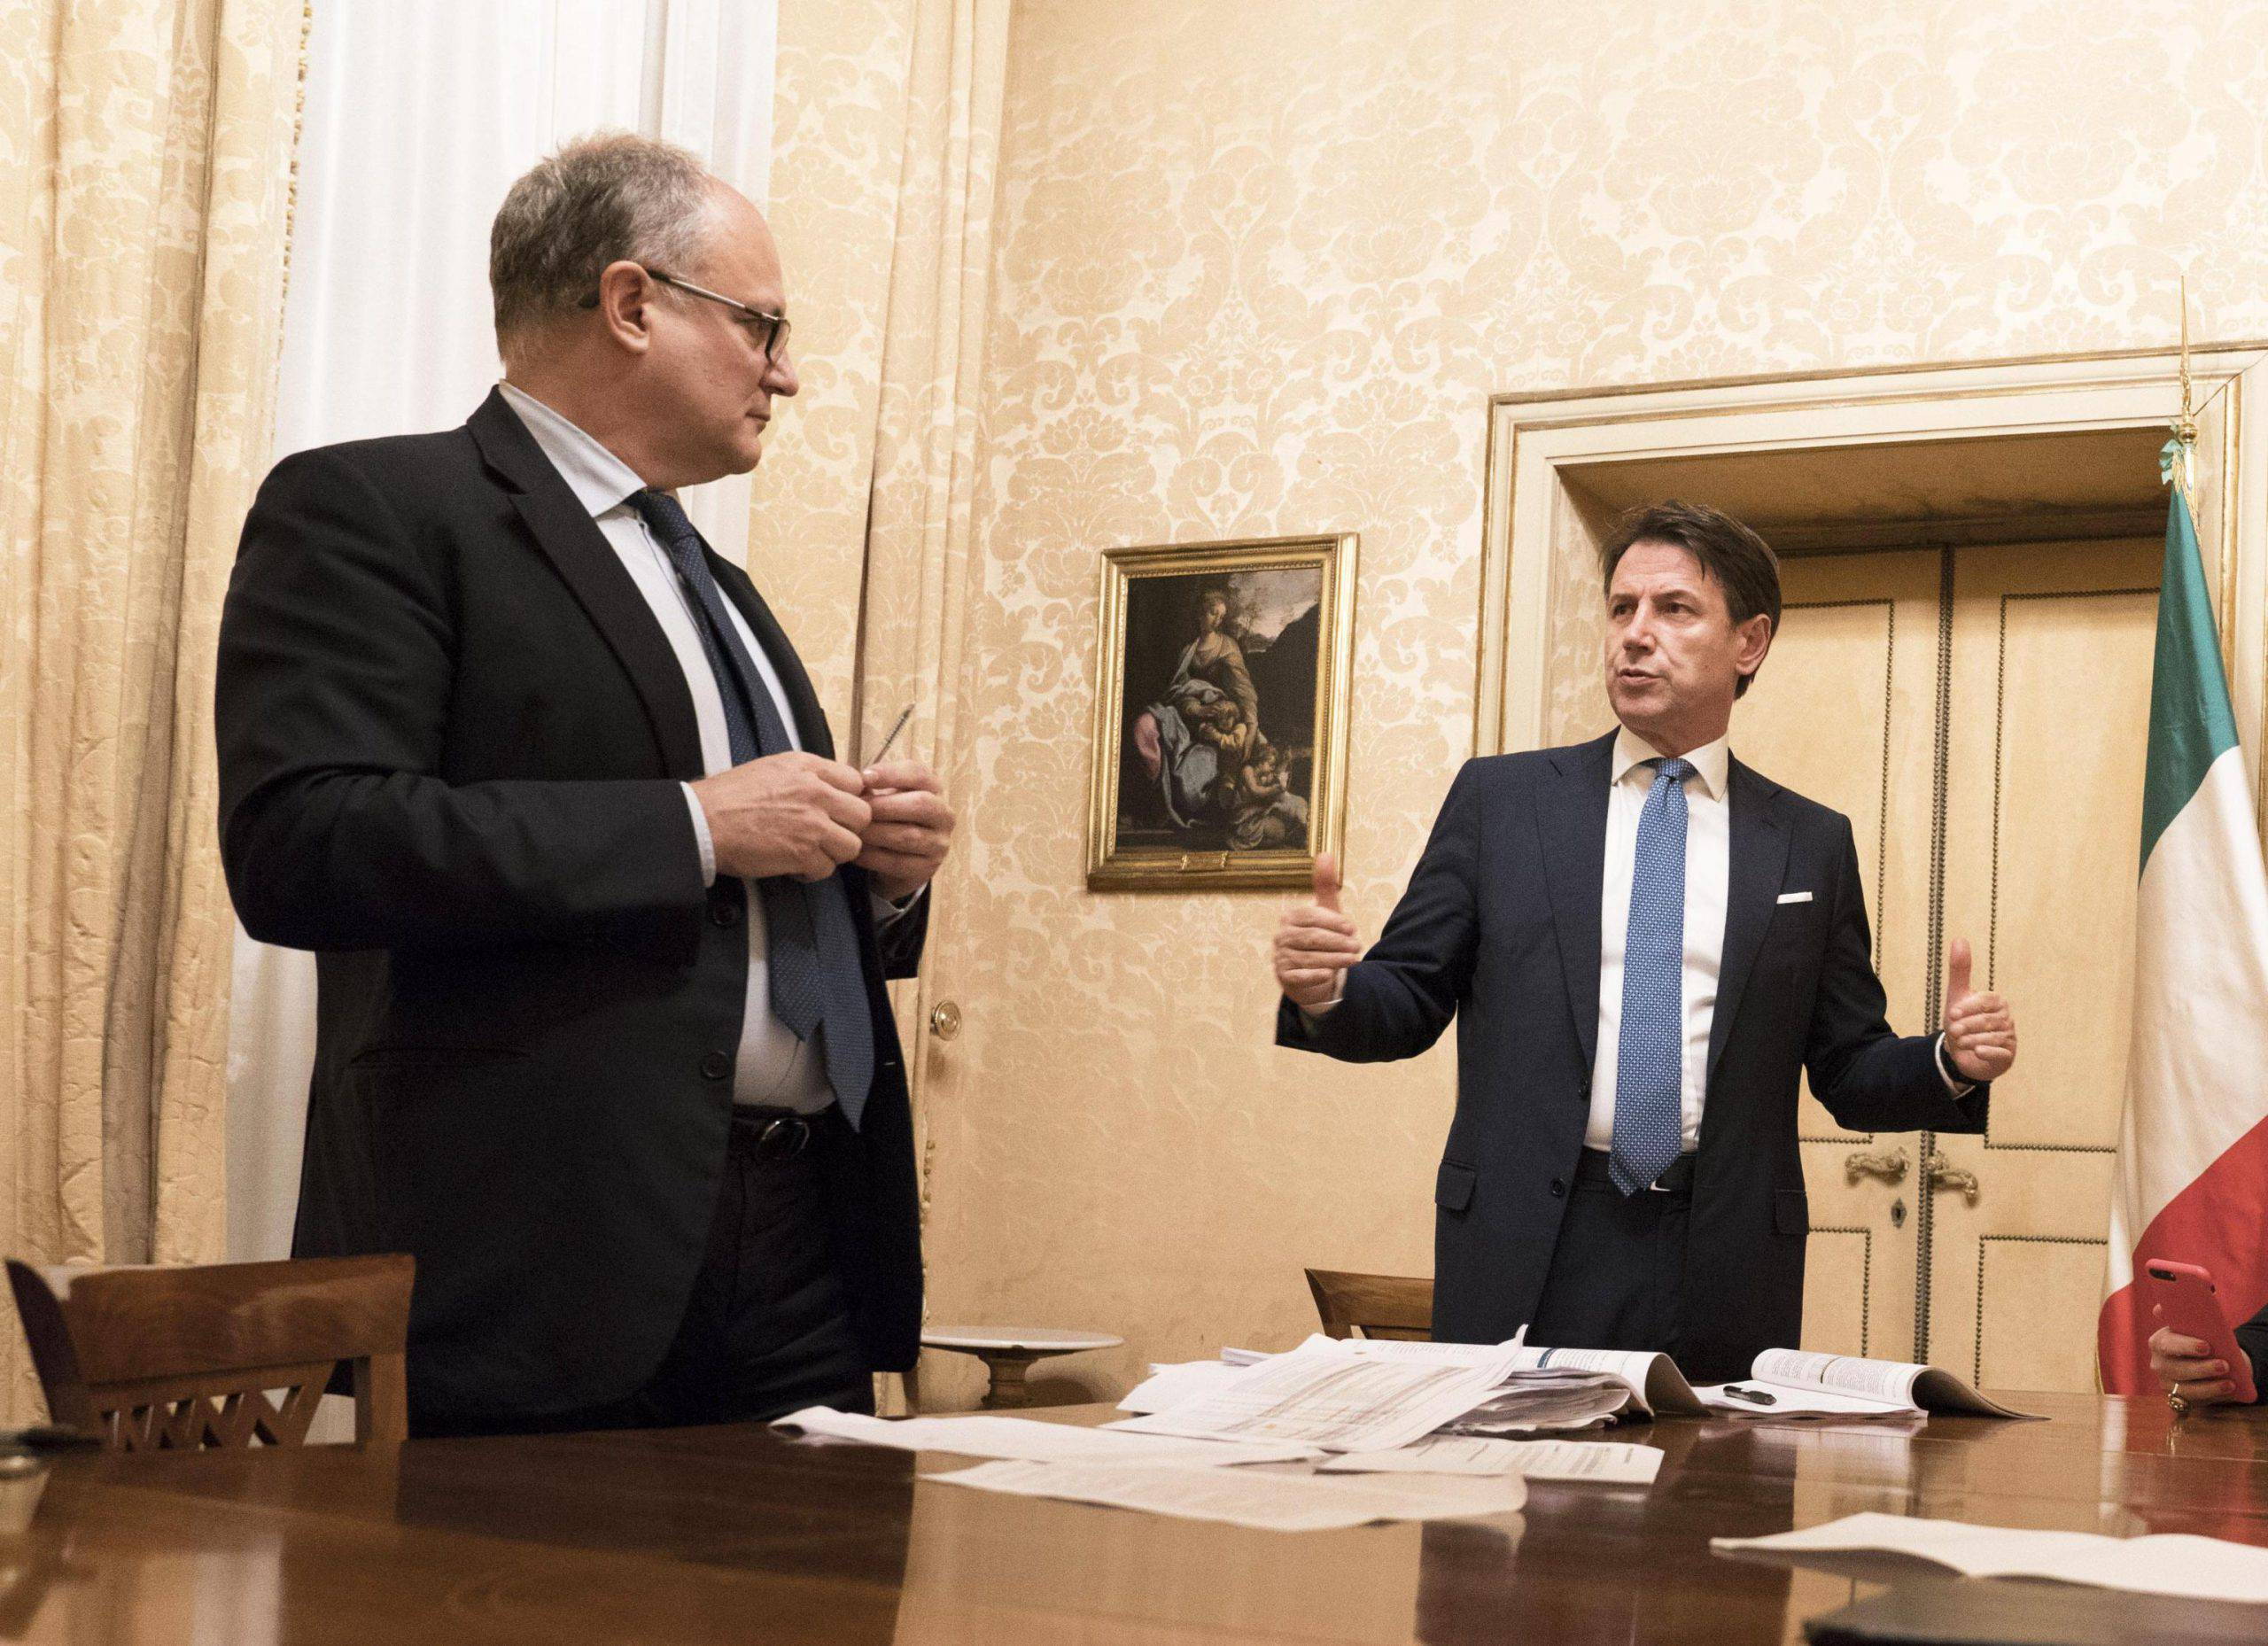 Tensione Pd-Conte sugli Stati Generali: il Premier prepara la sua lista - Leggilo.org